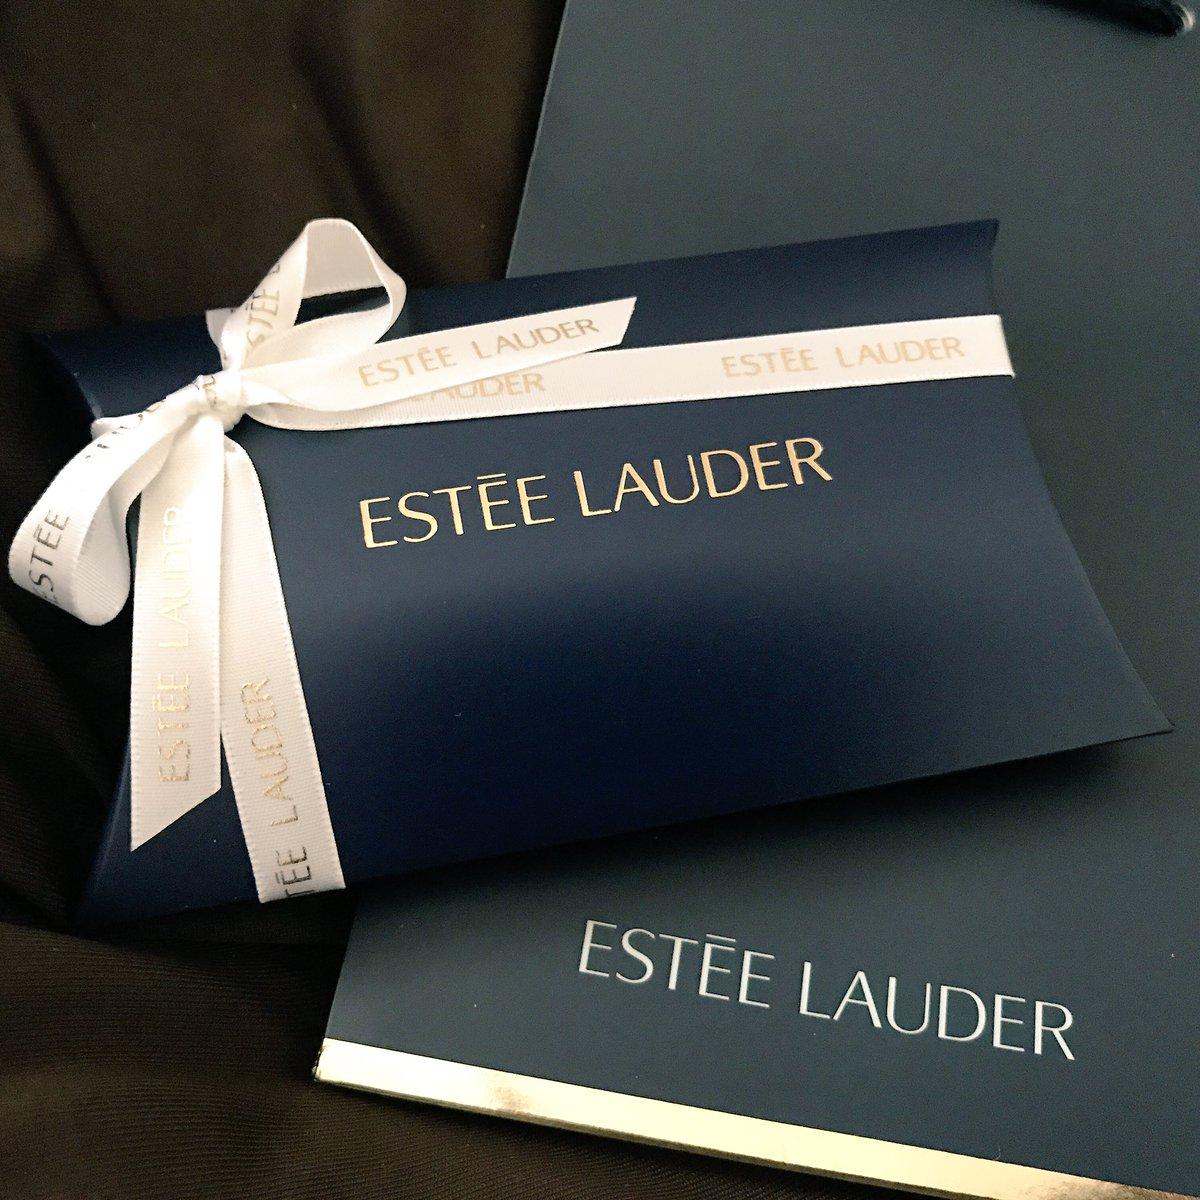 ルパンから私にプレゼントが届きました!リップのプレゼントなんて粋なことしてくれるわルパン。しかもイニシャルまで入ってる(